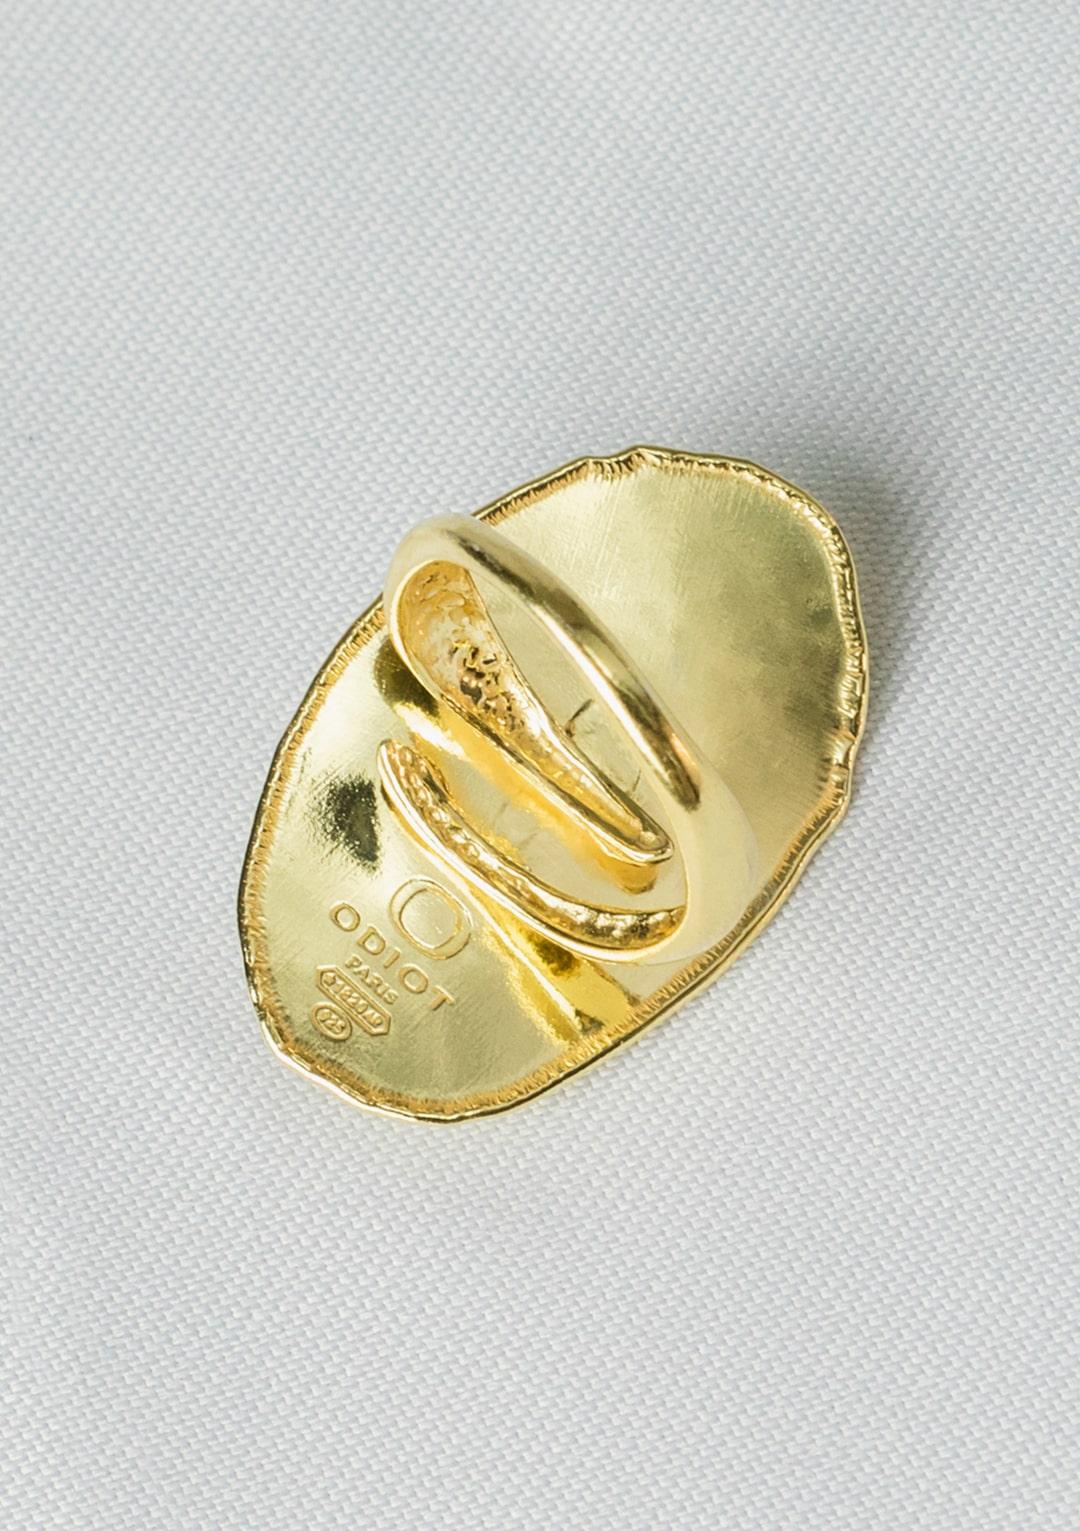 Bague réglable I cabochon d'Agate noire I argent massif doré à l'or 18 carats I Elliade Paris I vue arrière I Label AÉ Paris